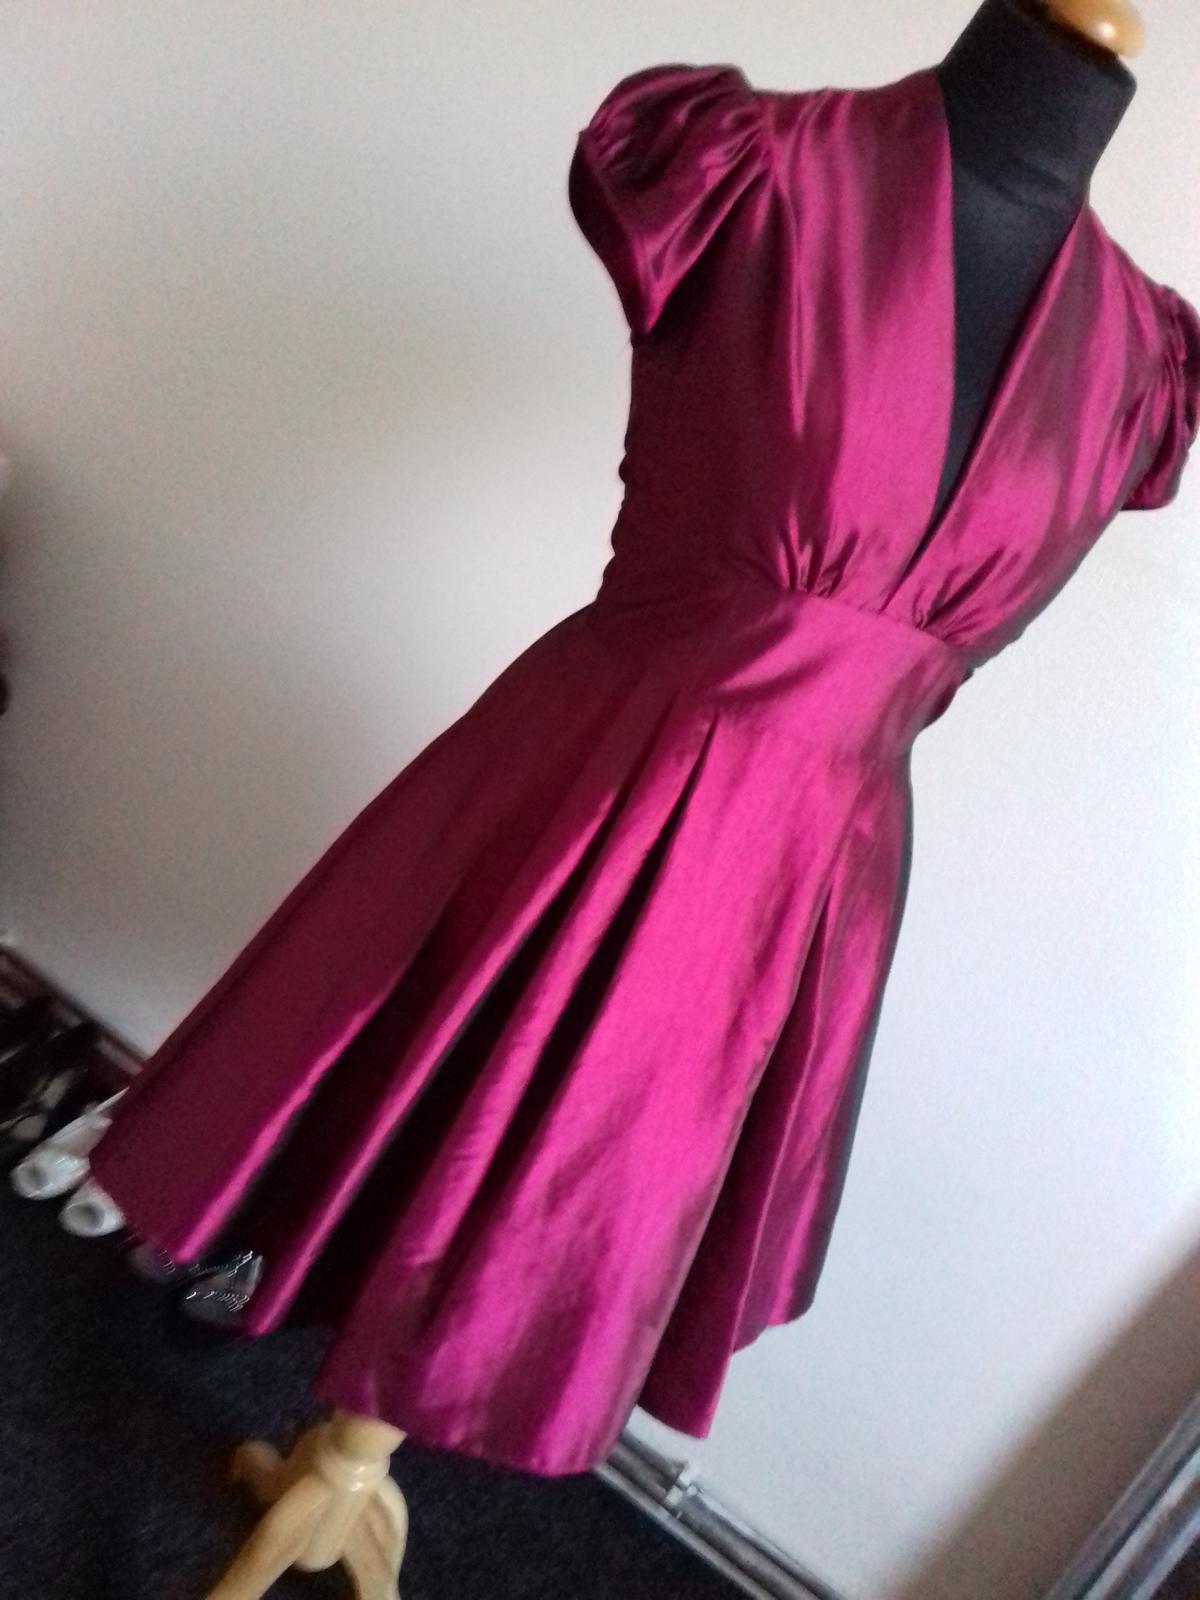 Společenské šaty vel. 42 - Obrázek č. 1